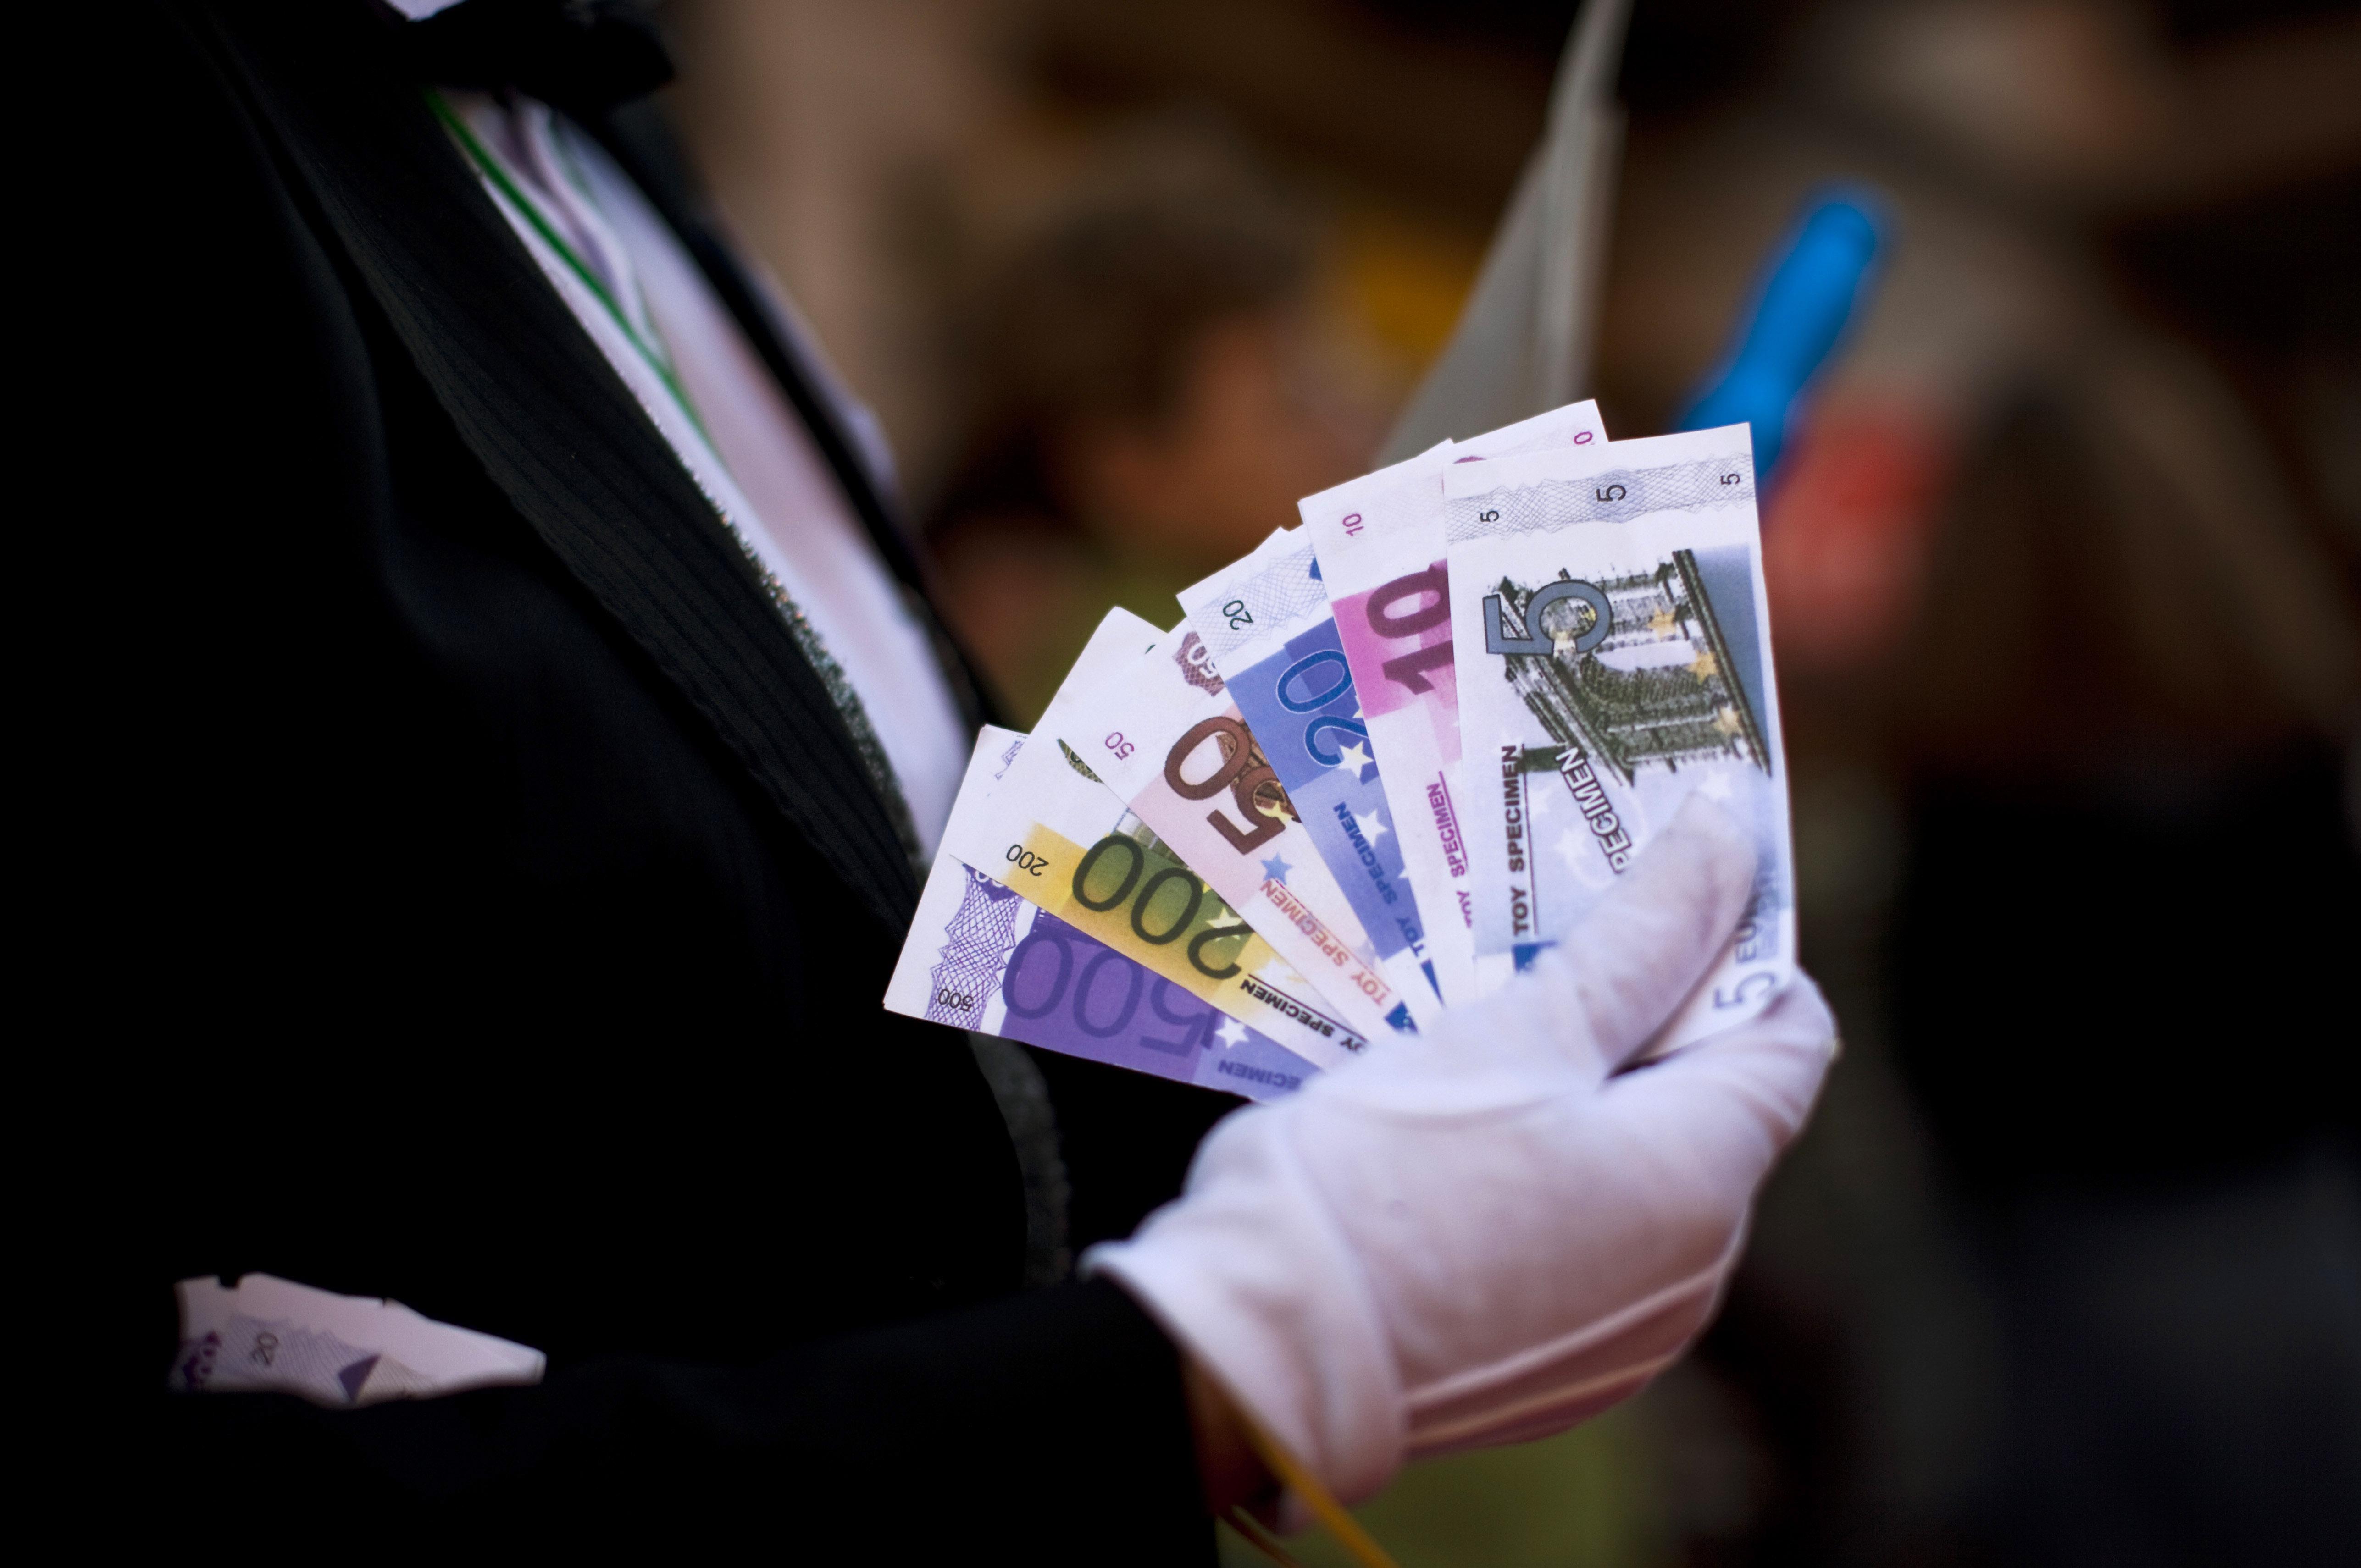 los funcionarios ya no son un colectivo sin riesgo para los bancos